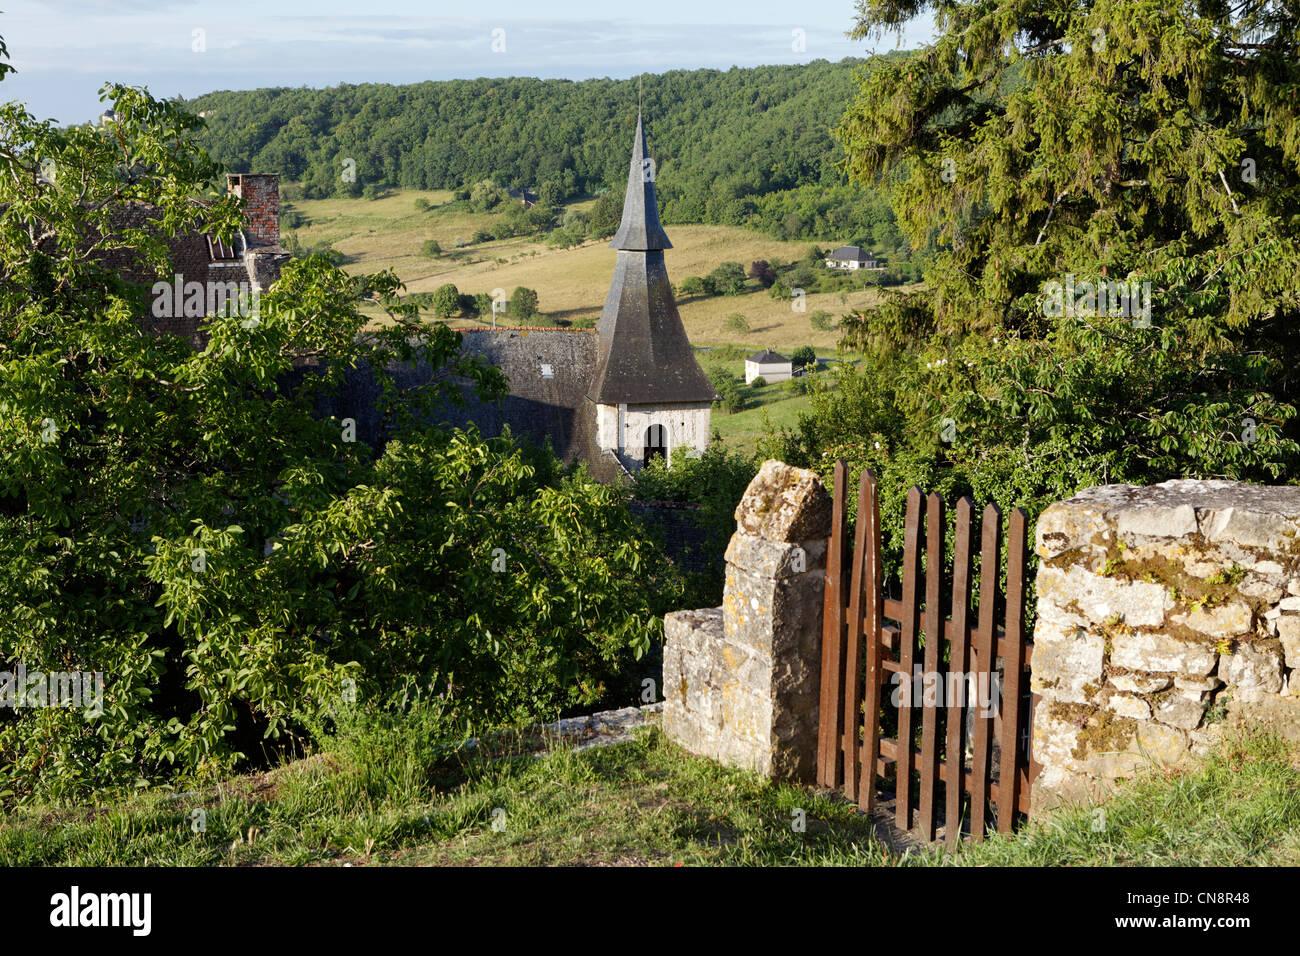 France, Correze, Turenne, labelled Les Plus Beaux Villages de France (The Most Beautiful Villages of France), the - Stock Image